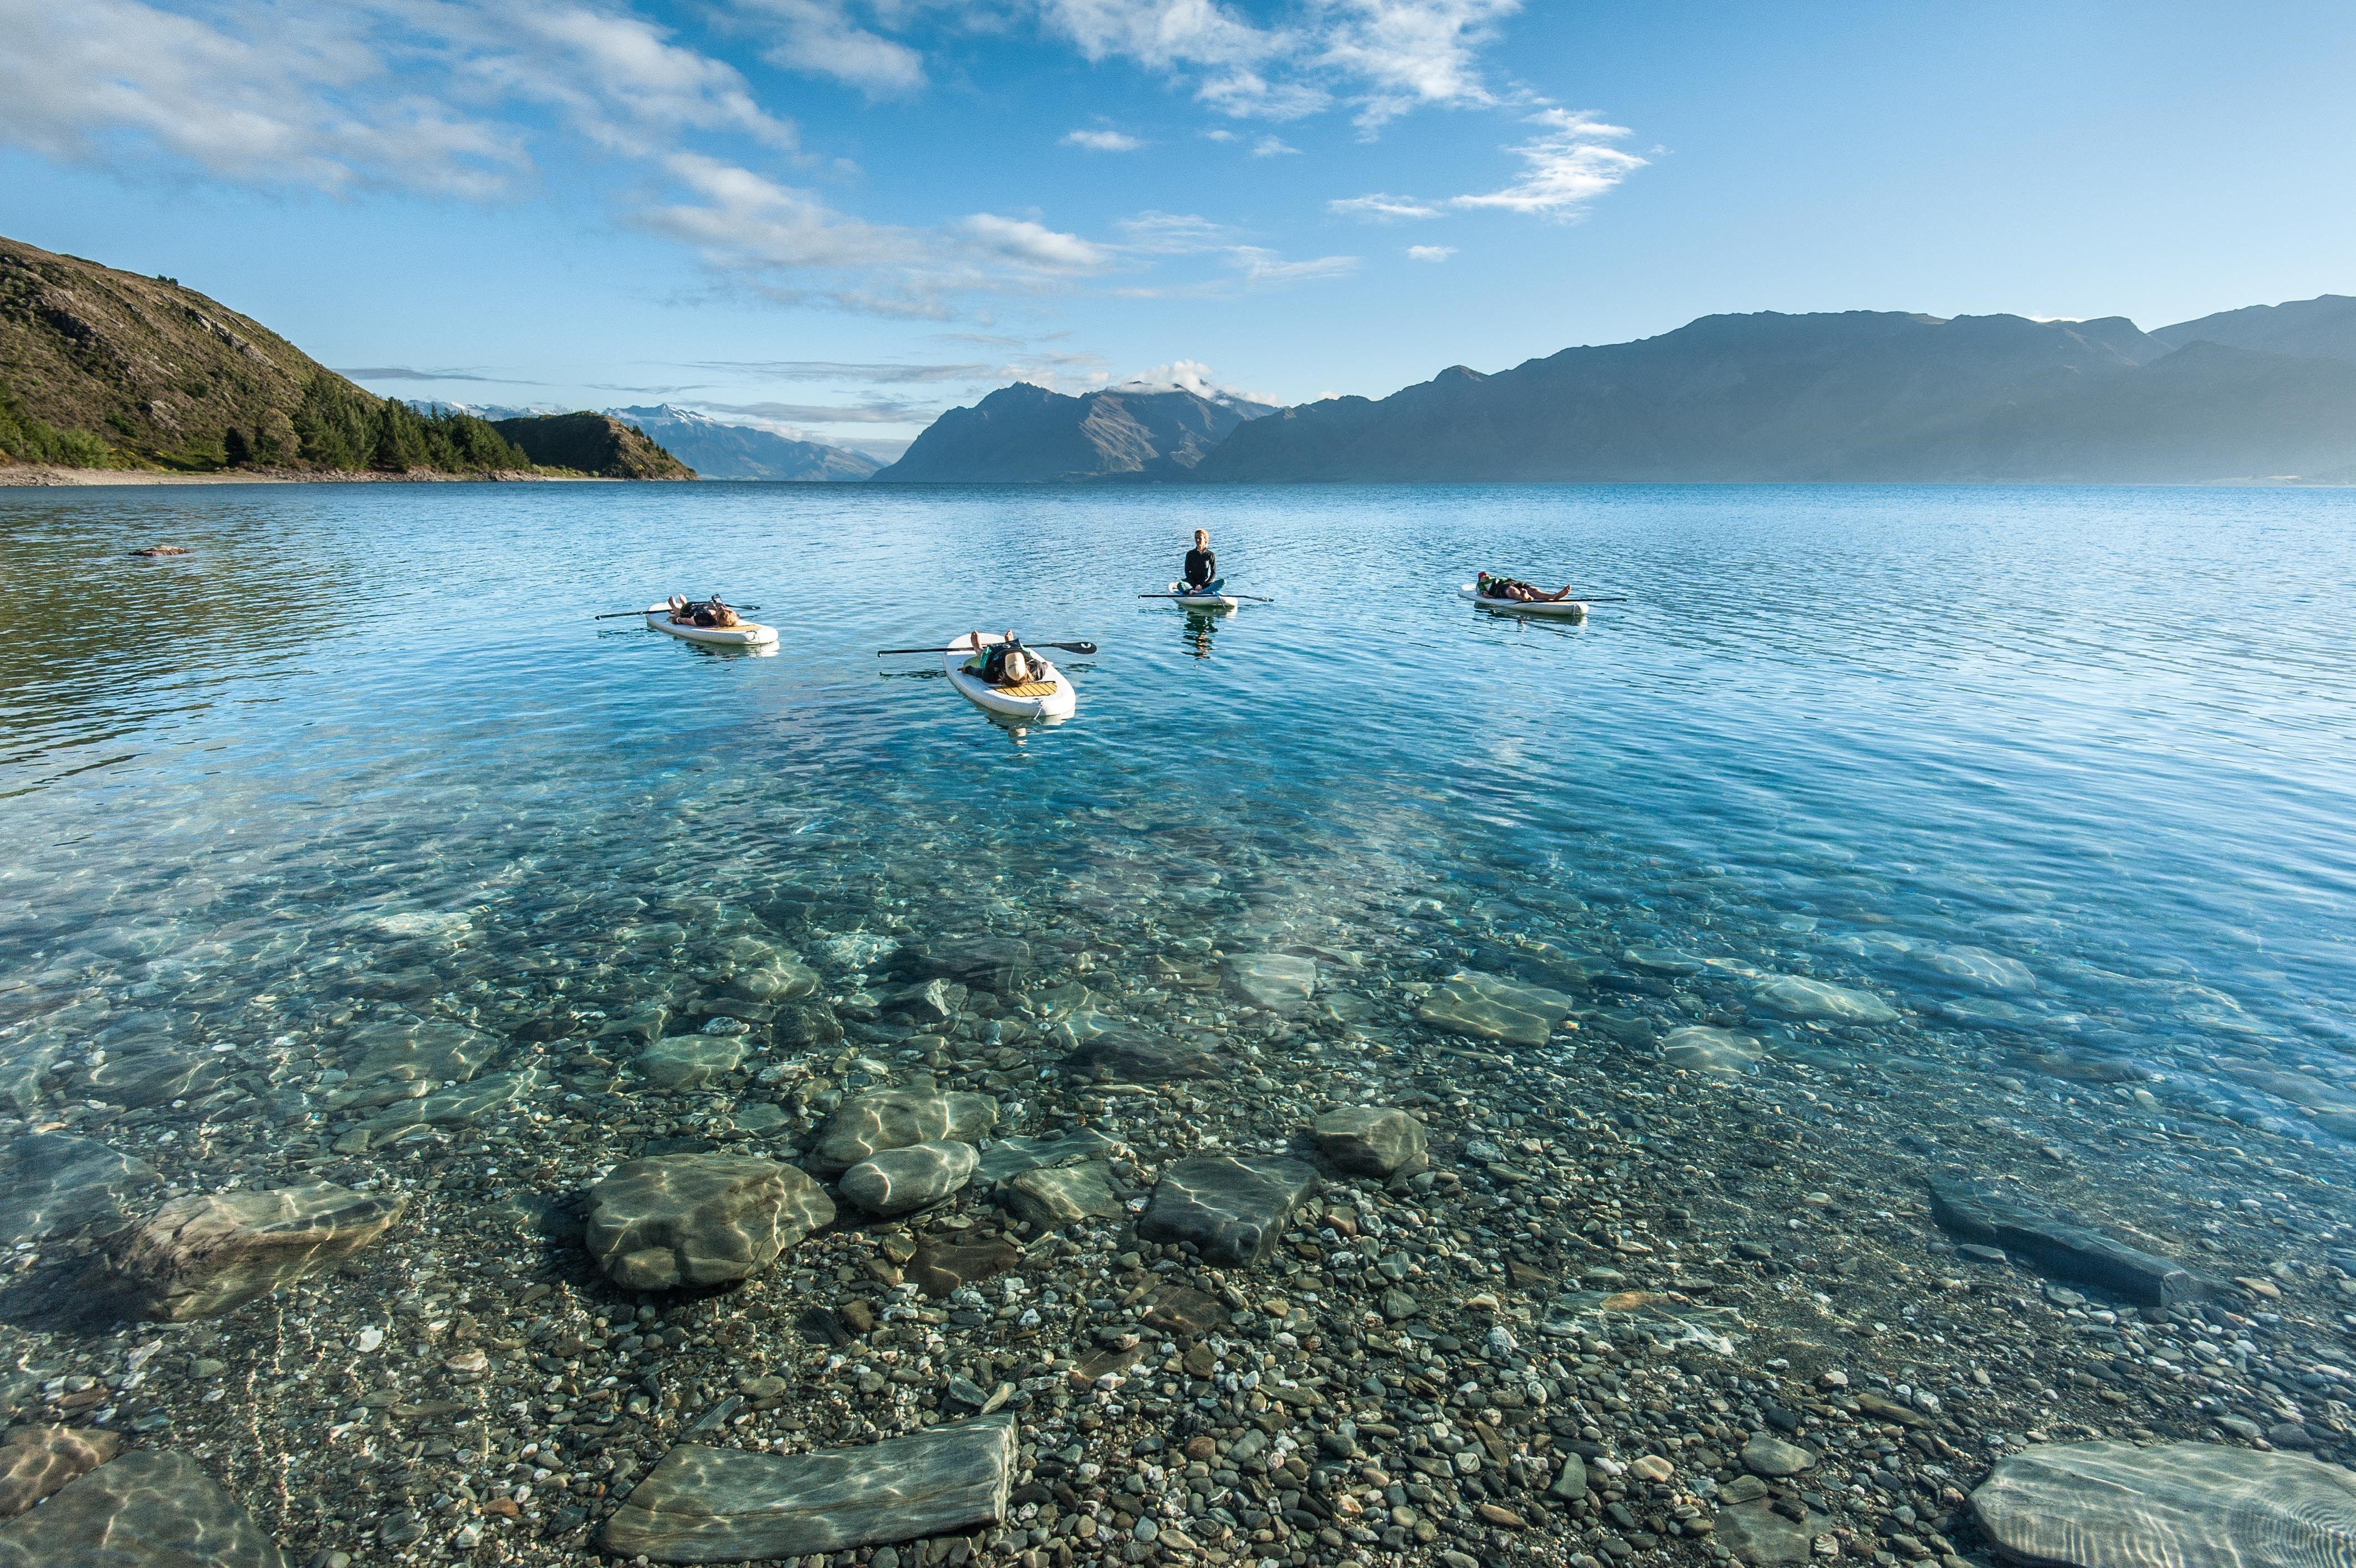 Disfrutando de la actividad en el lago Wanaka